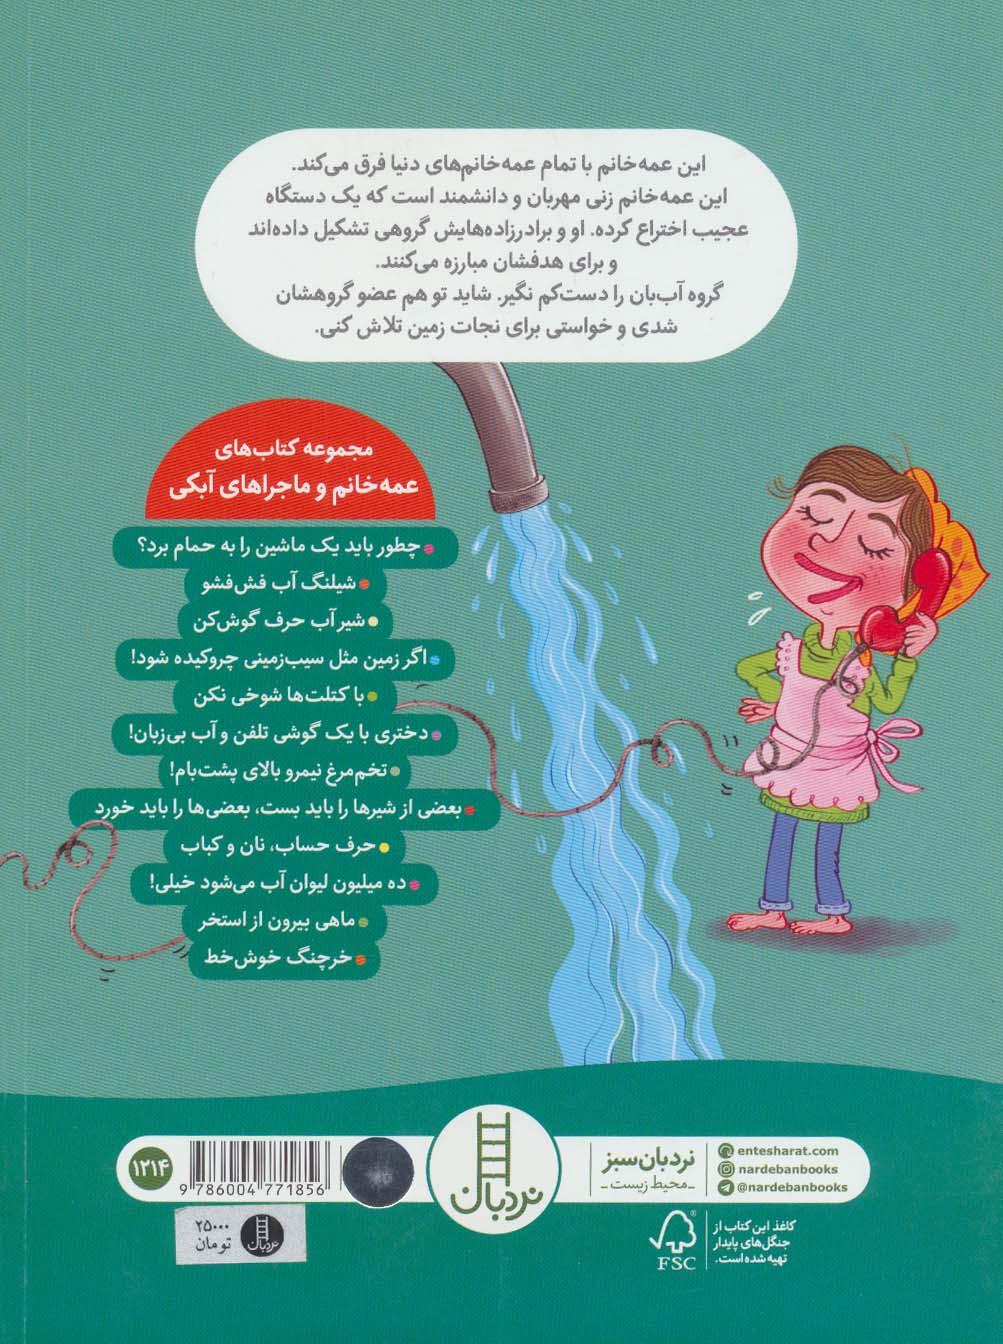 عمه خانم و ماجراهای آبکی 6 (دختری با یک گوشی تلفن و آب بی زبان!)،(گلاسه)